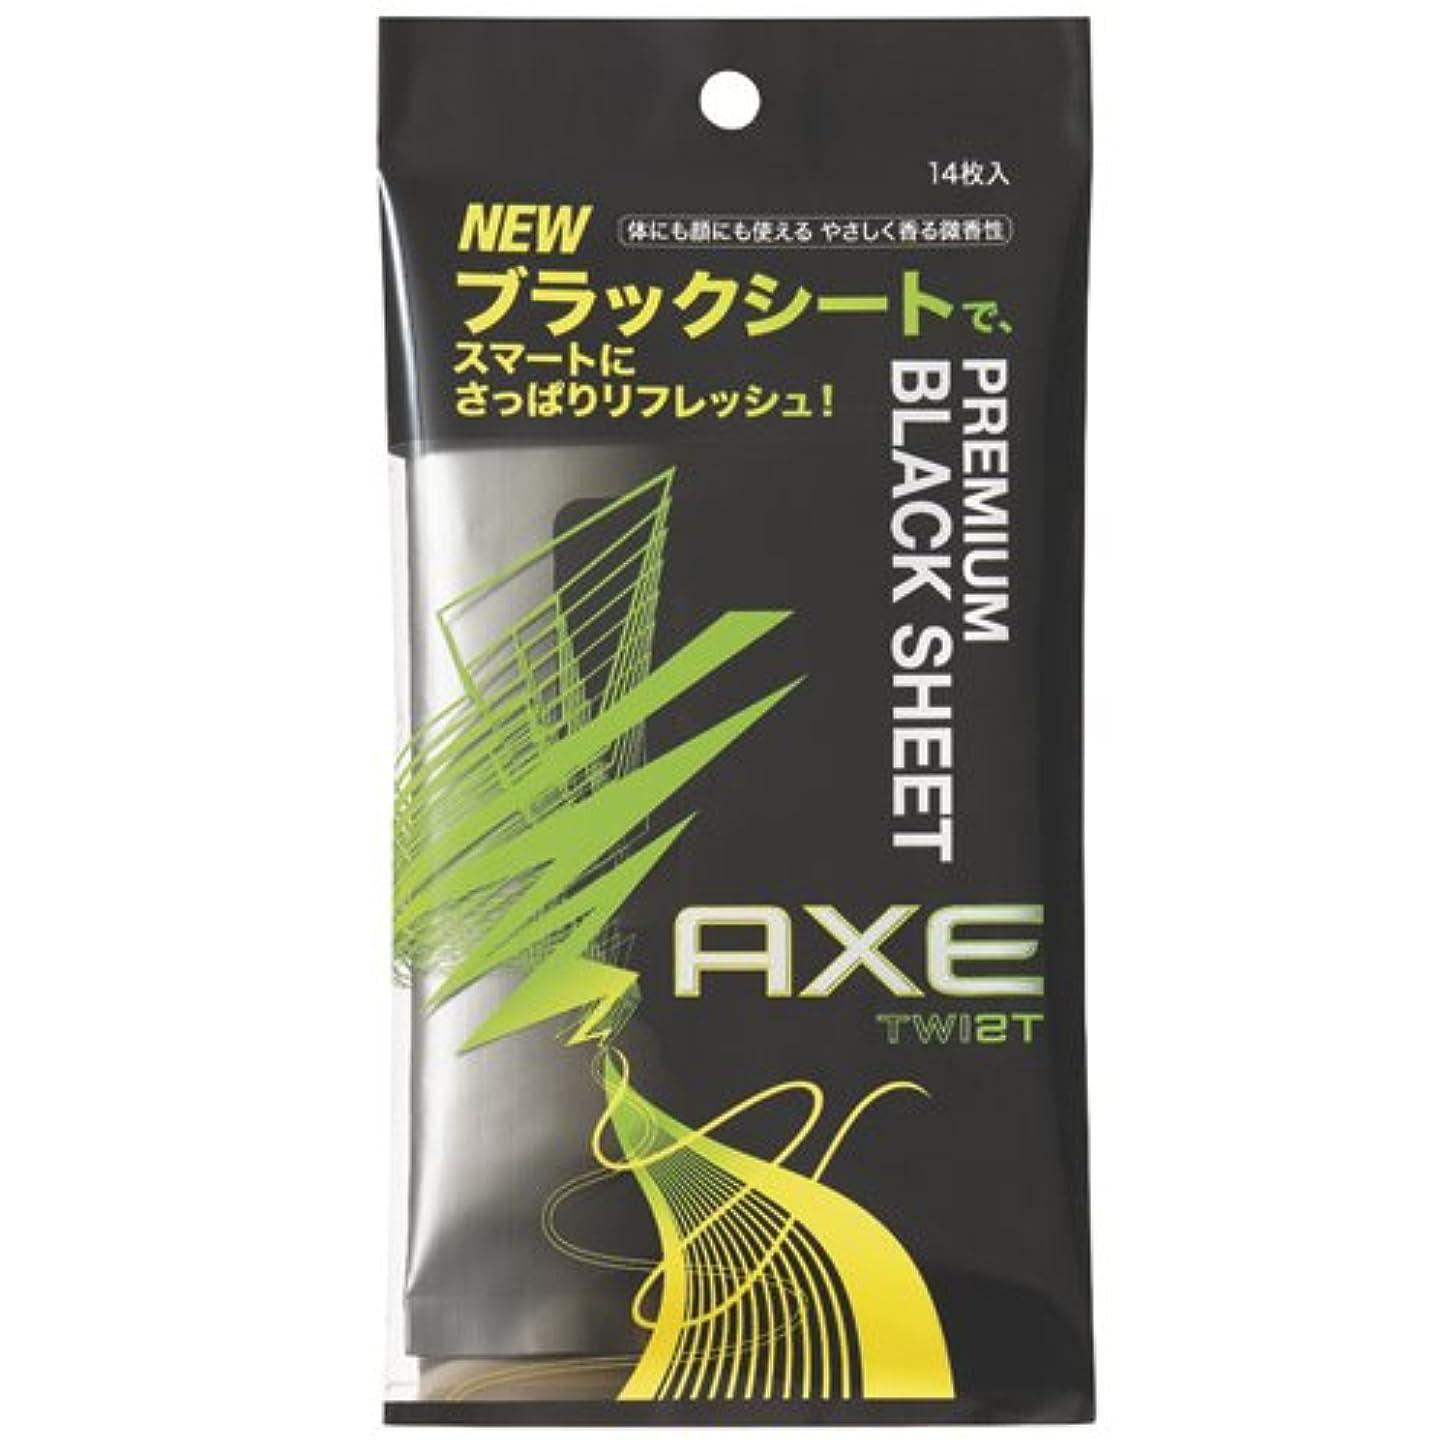 適度にささいな貞AXE(アックス) プレミアムブラックシート ツイスト 14枚入